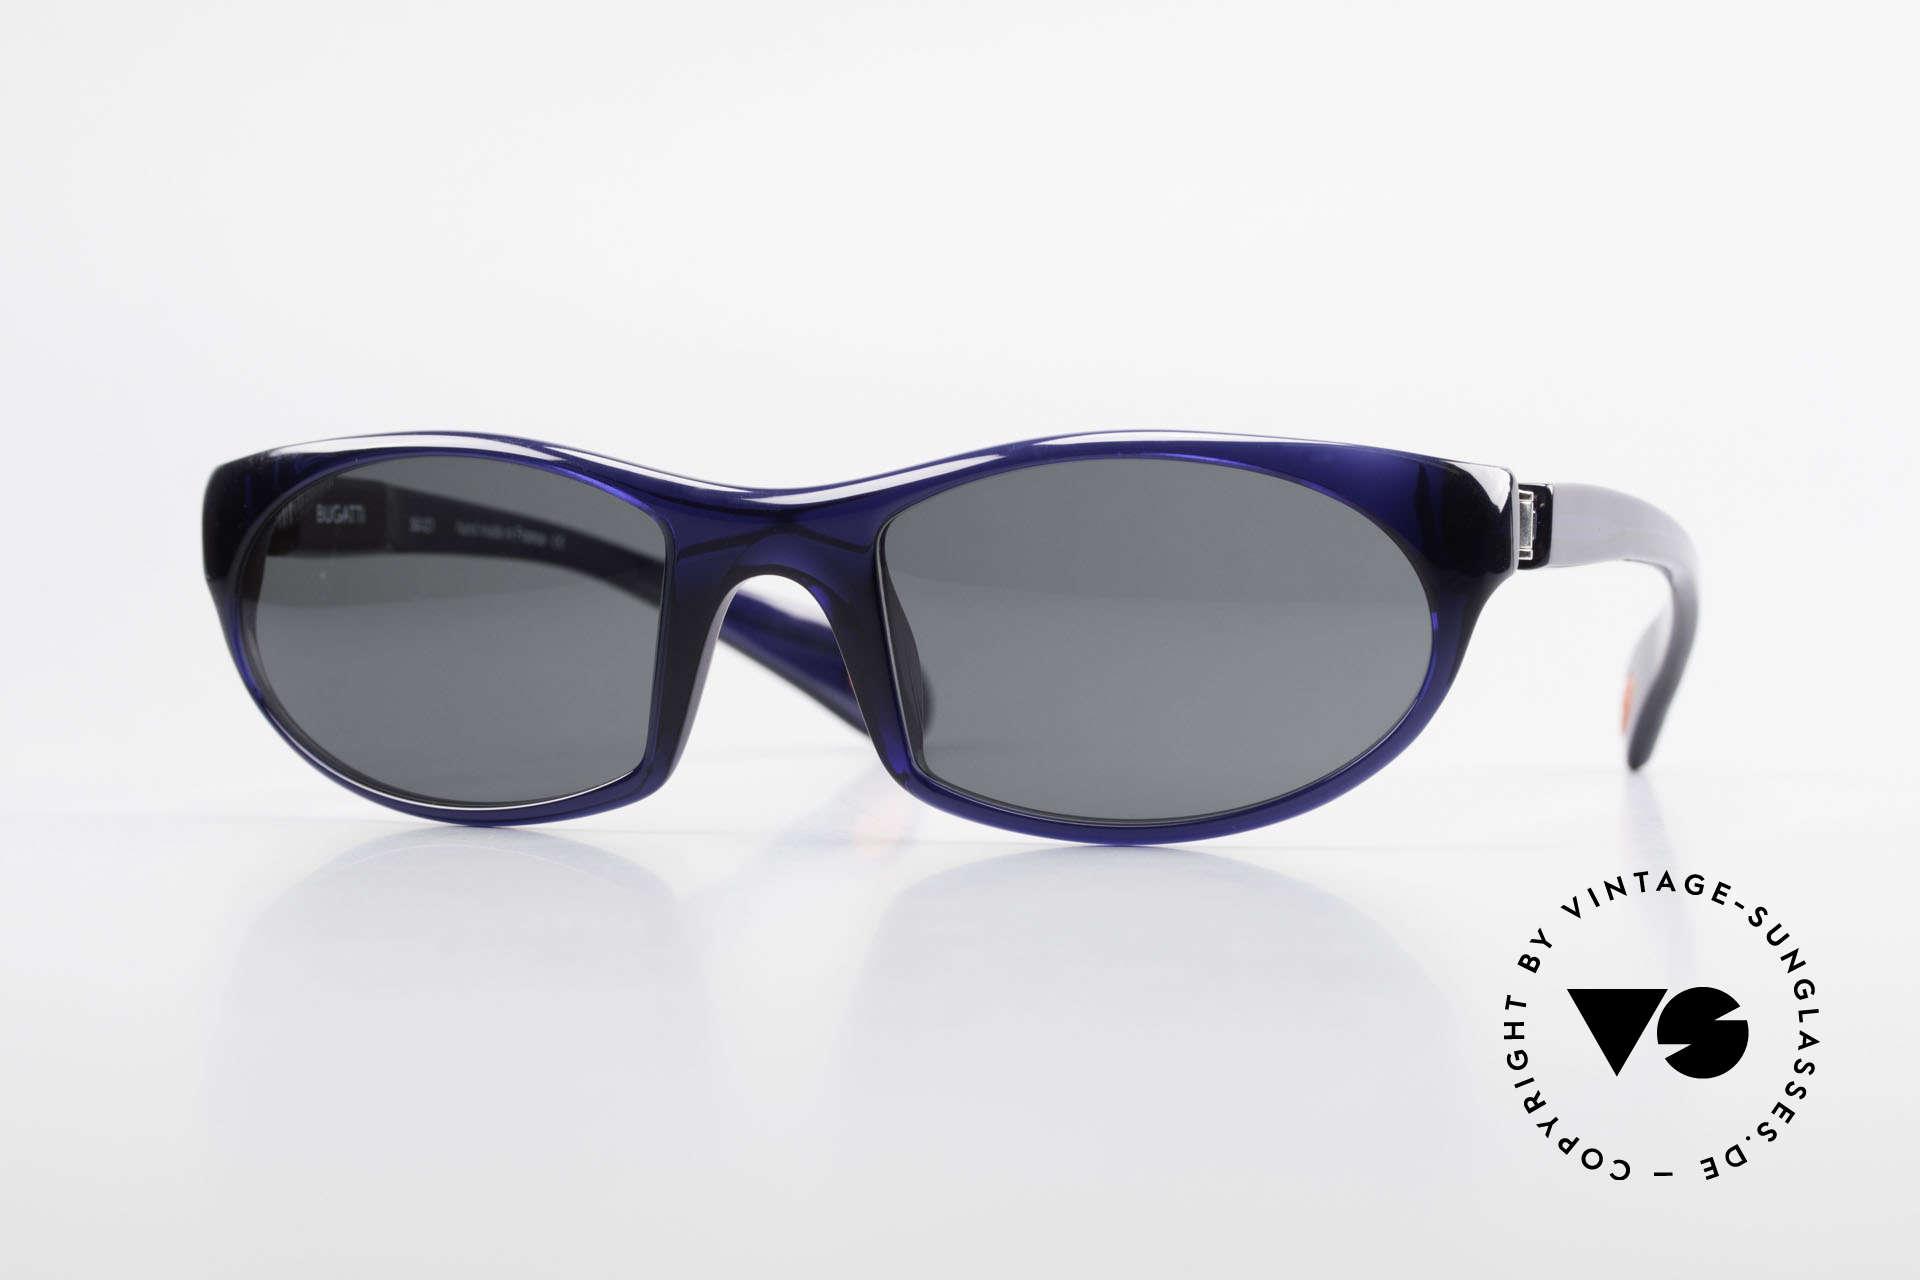 Bugatti 328 Odotype Men's Rare Designer Sunglasses, SPORTY high-tech sunglasses by BUGATTI, Made for Men